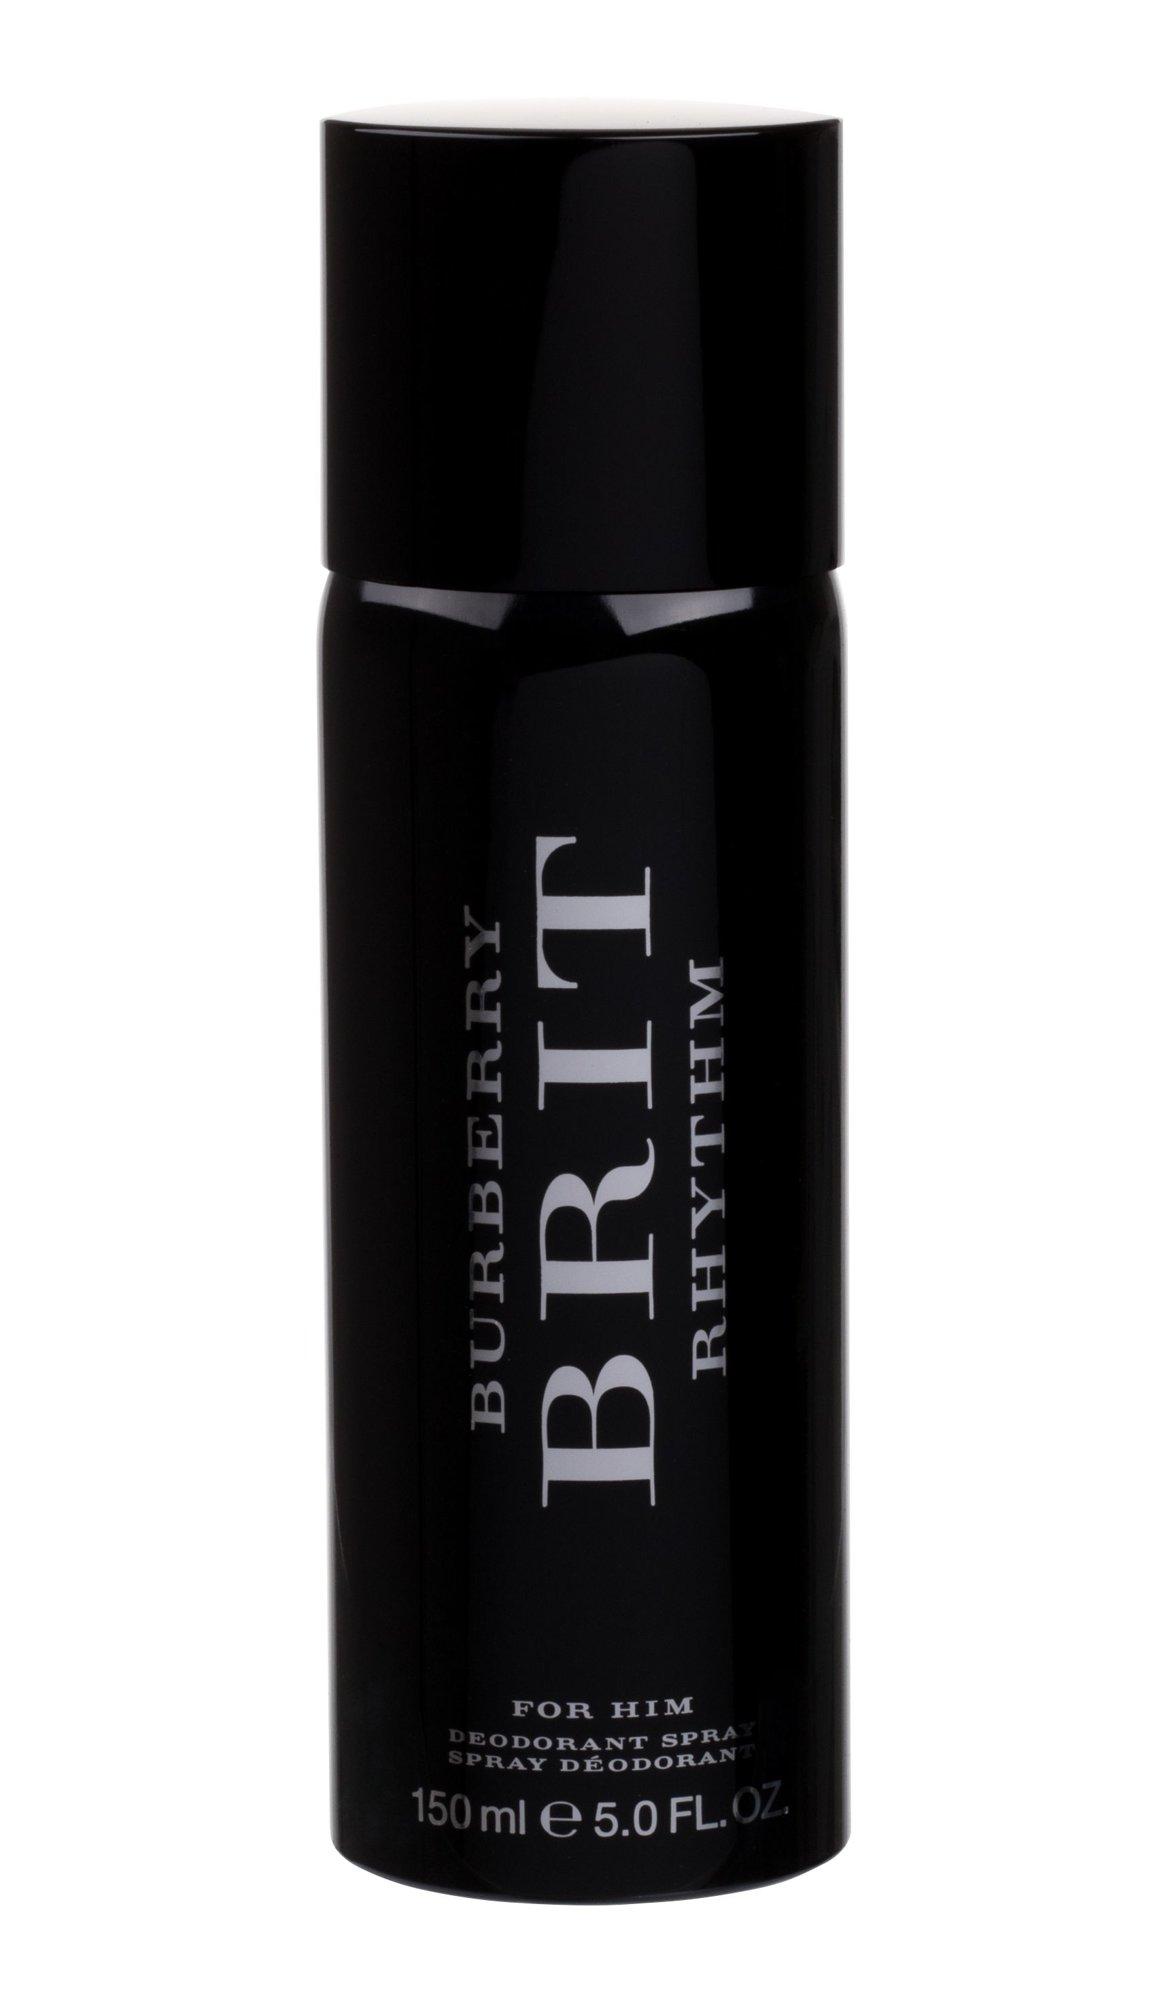 Burberry Brit Deodorant 150ml